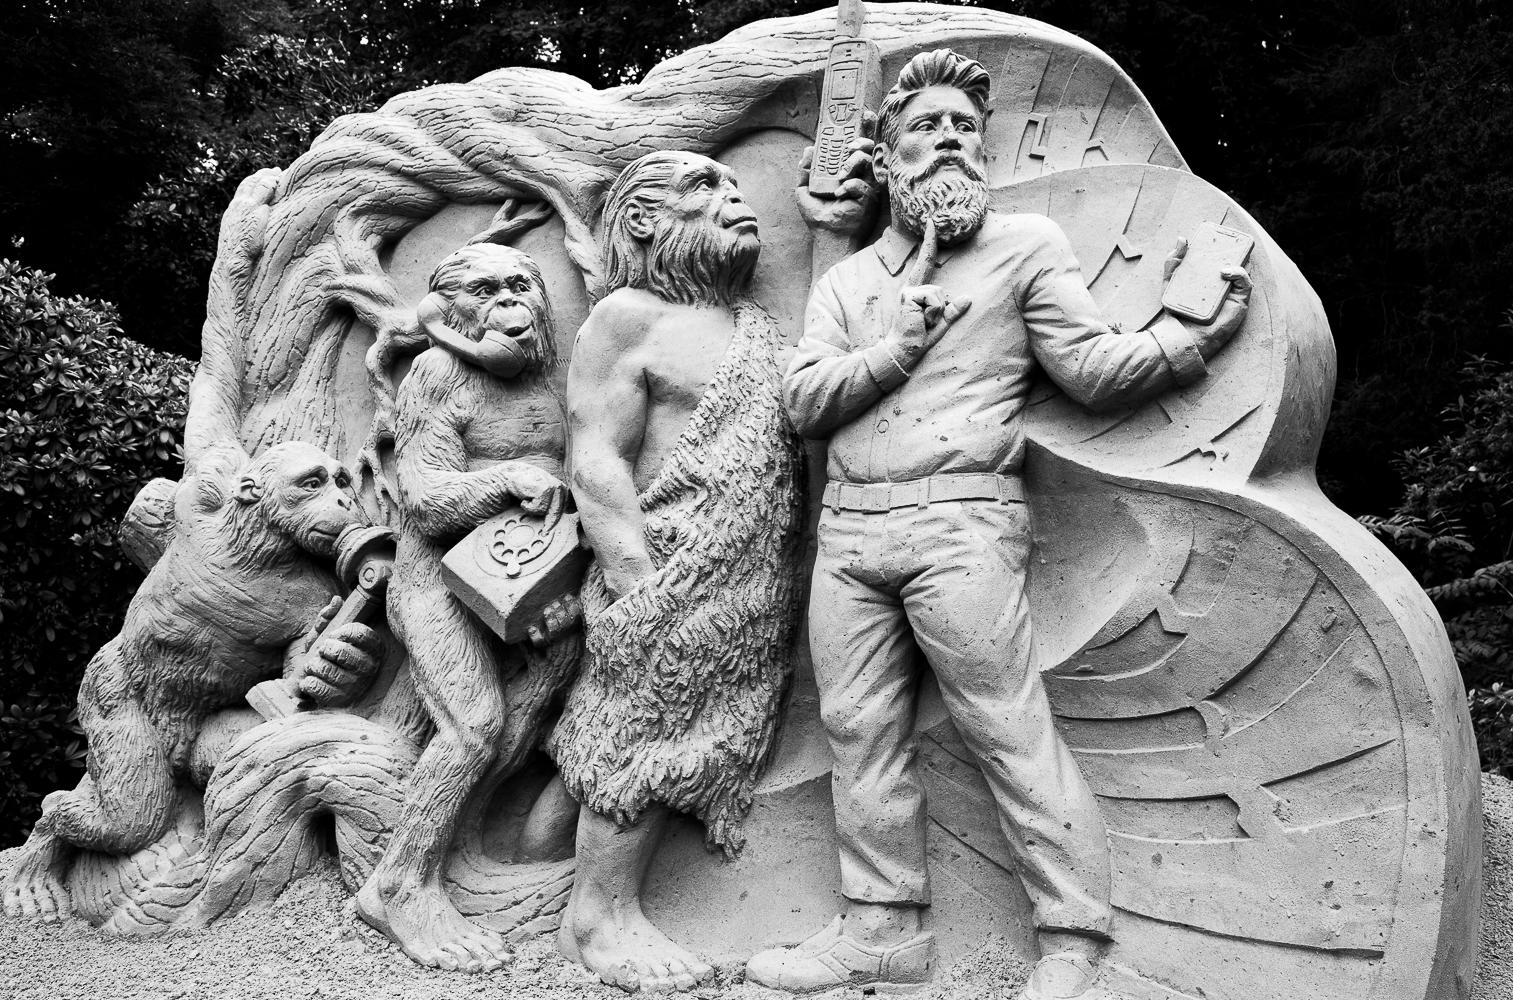 Zandsculptuur, Kasteel Warmelo te Diepenheim